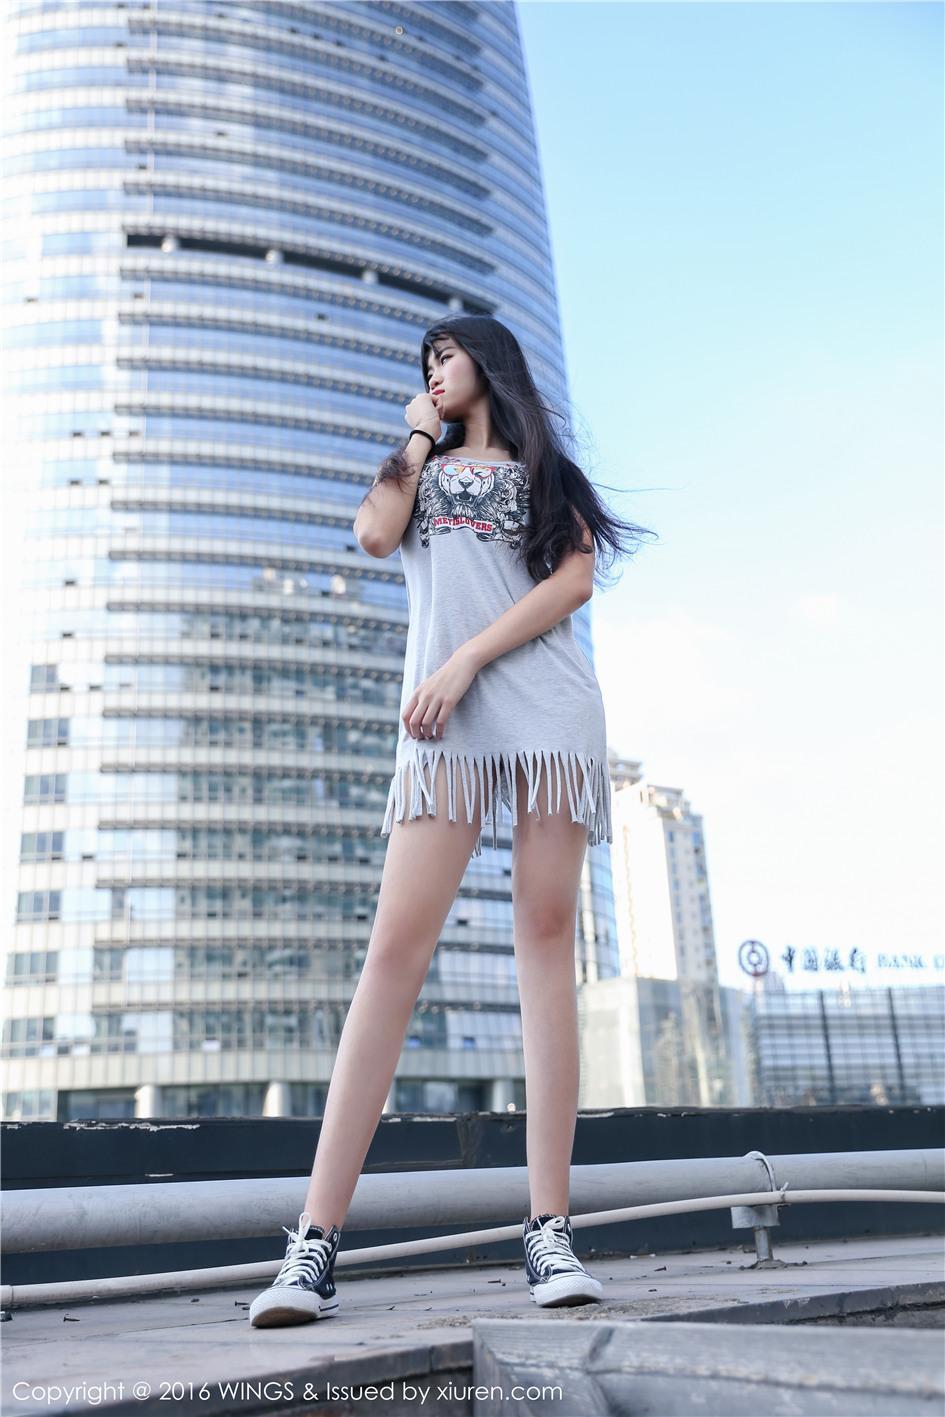 【影私荟】【Amor千冶】 白皙长腿模特Amor千冶高清写真美女图片 VOL.018【26P】 性感内衣